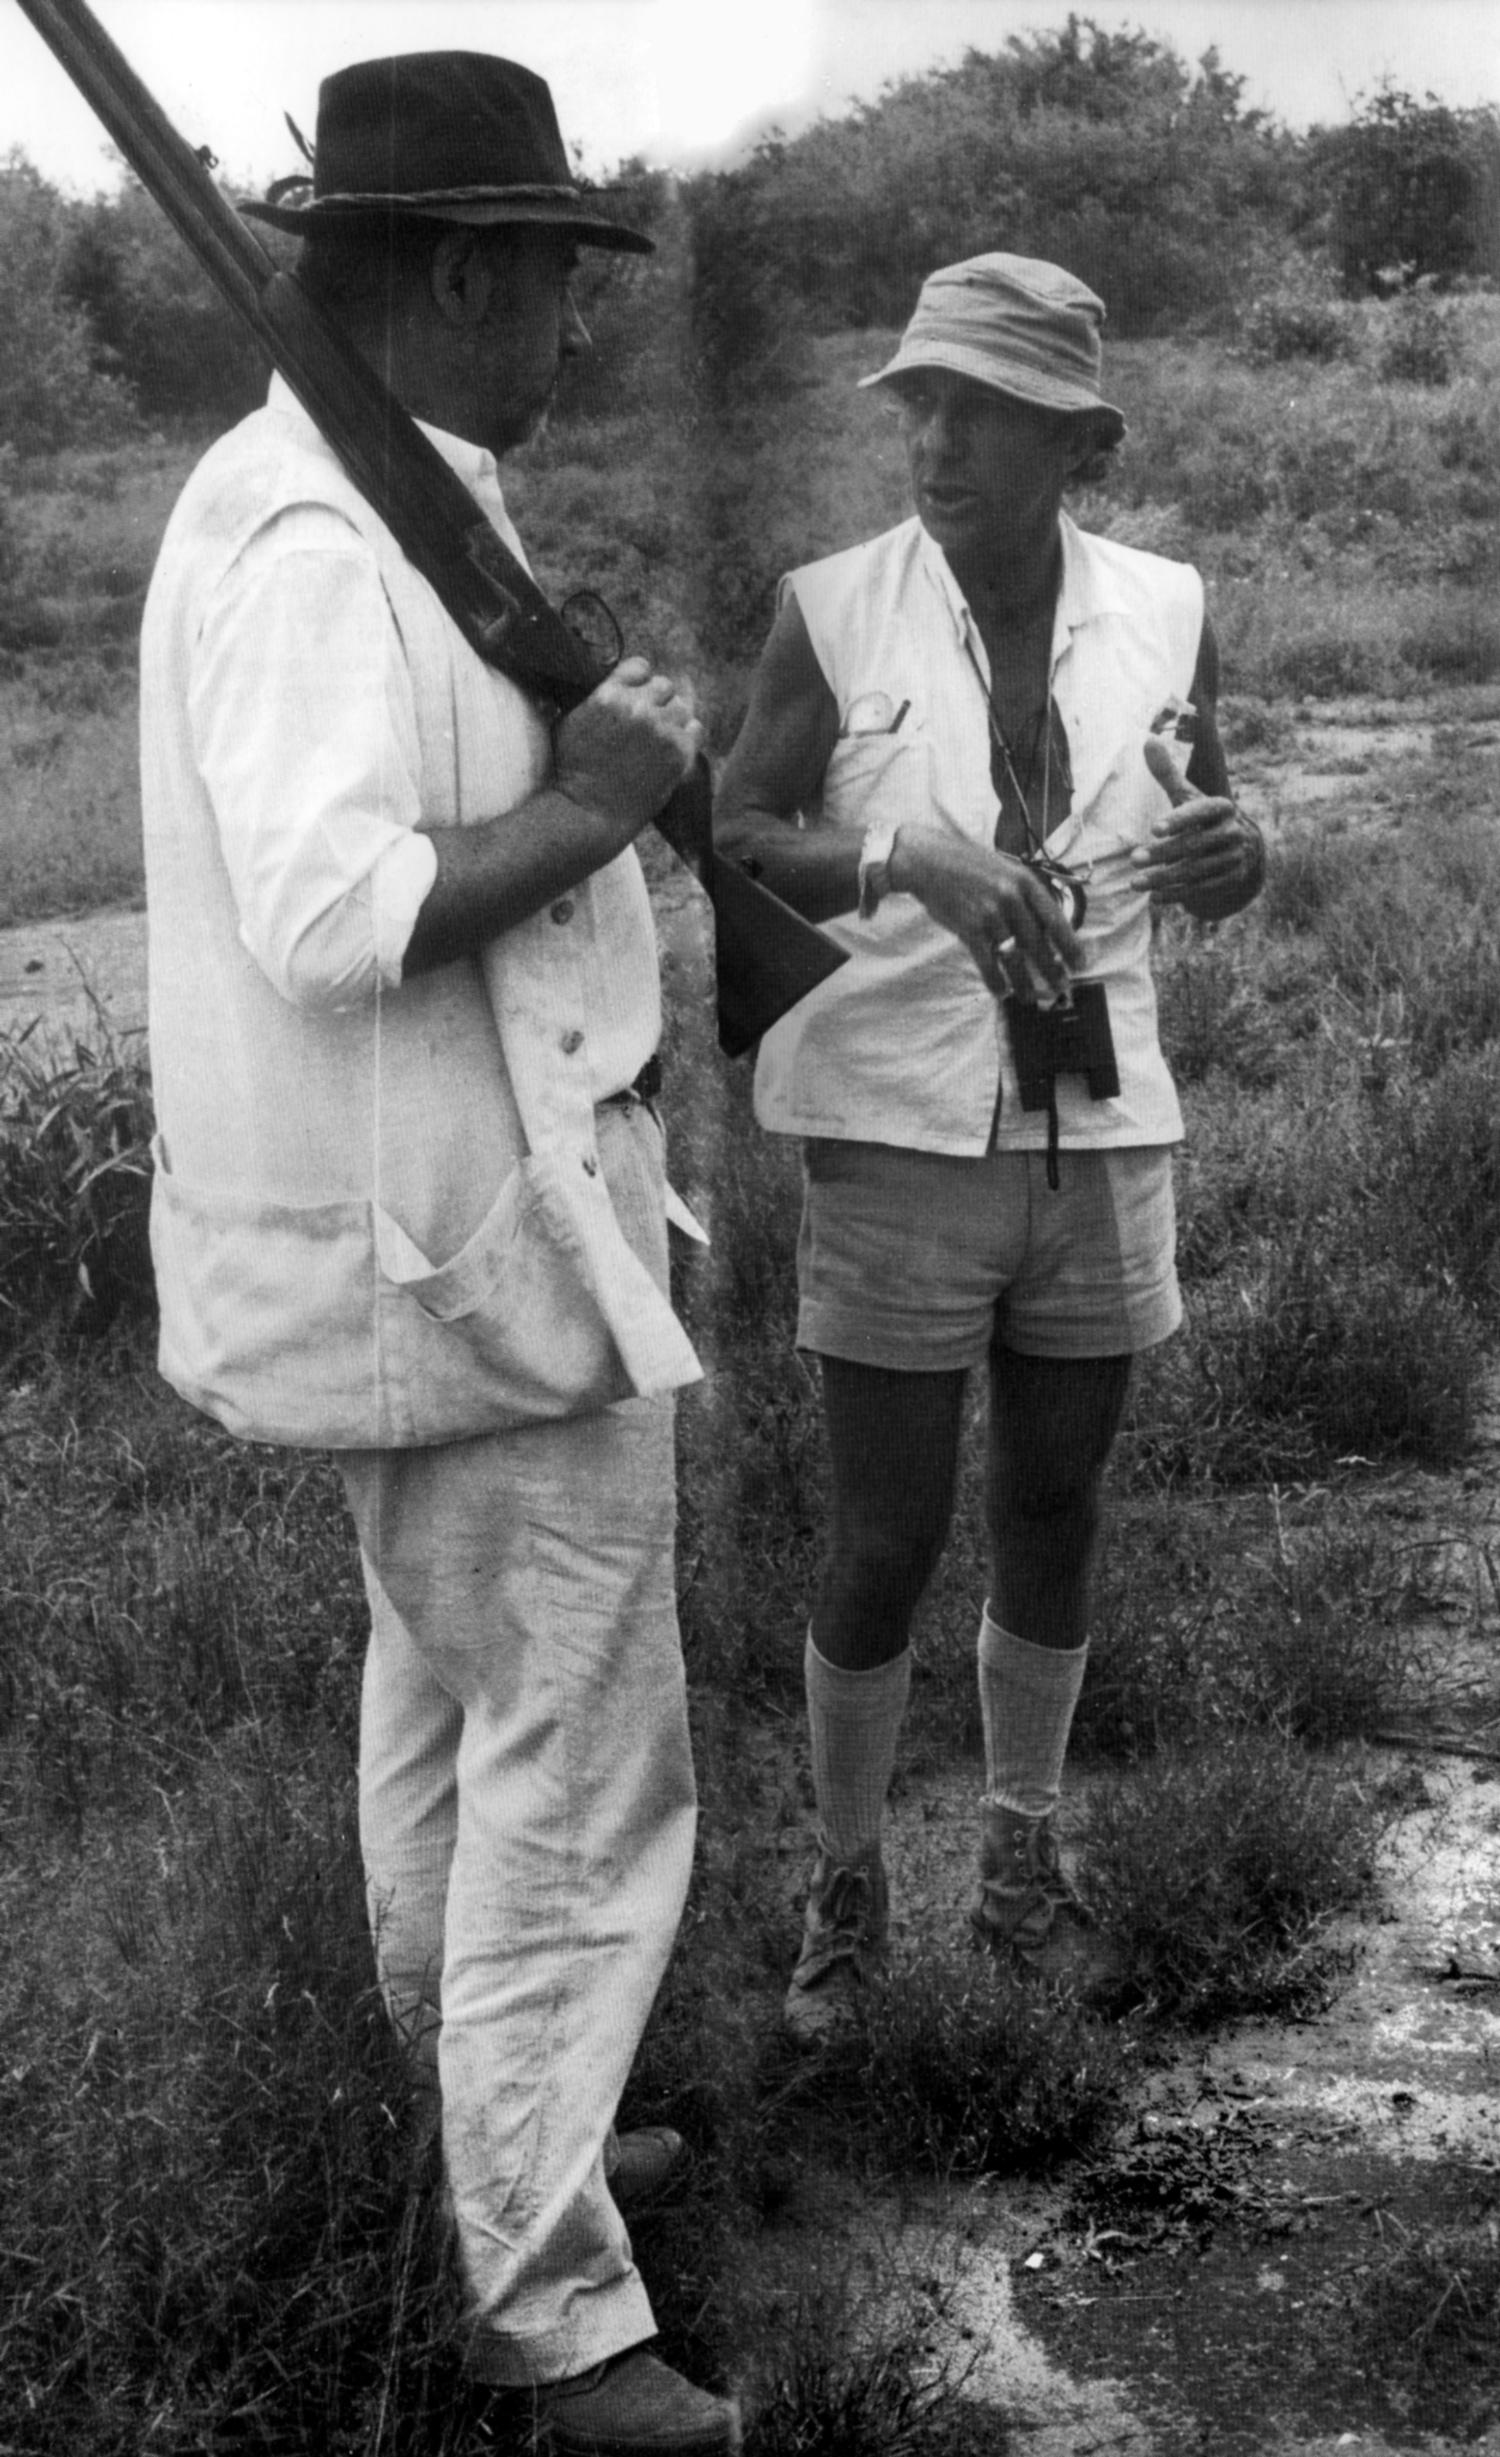 Philippe de Broca et Philippe Noiret sur le tournage de L'Africain